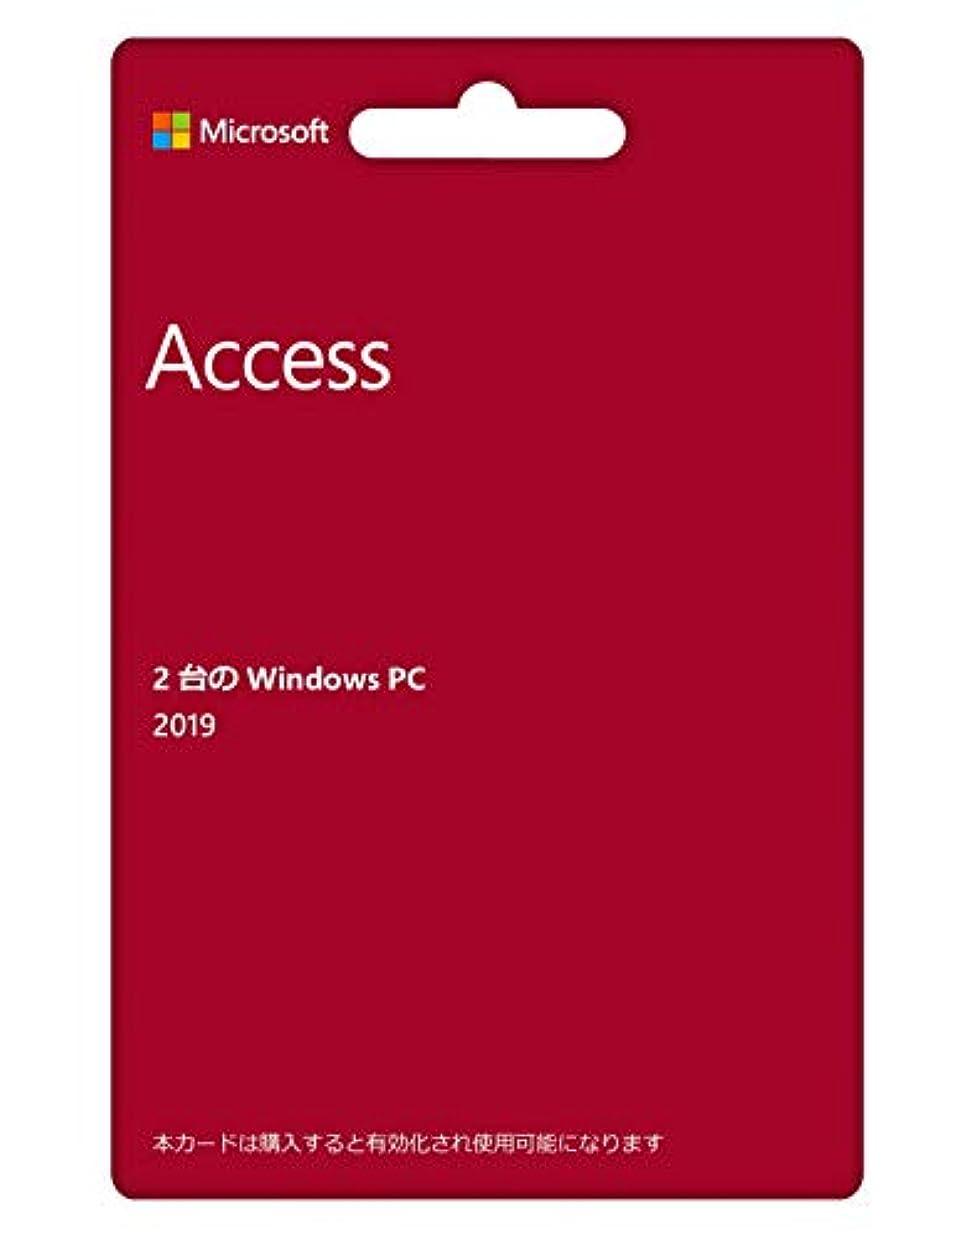 過言嬉しいですハイライトMicrosoft Access 2019(最新 永続版)|カード版|Windows10|PC2台